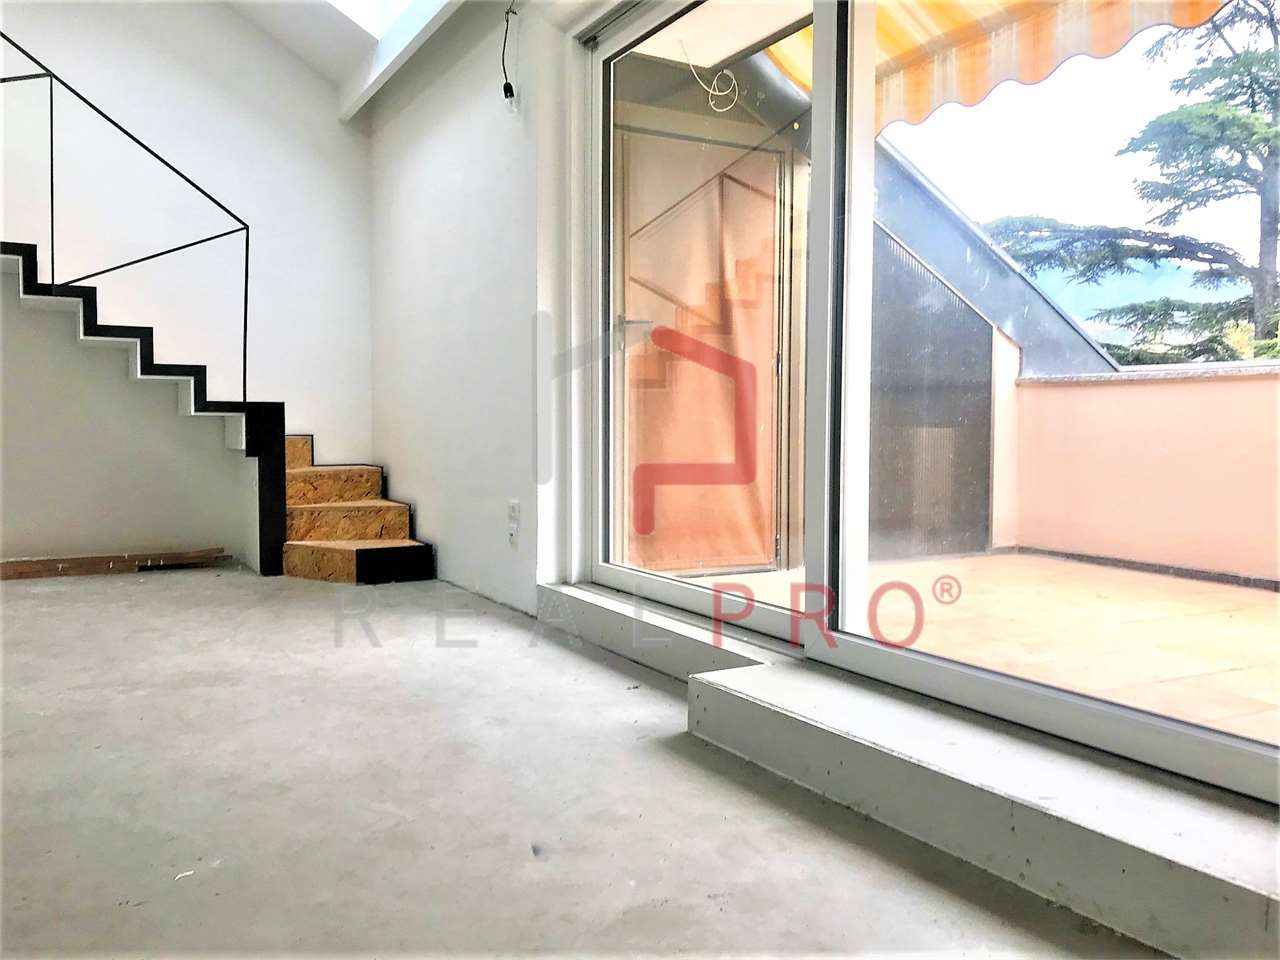 Appartamento in vendita a Merano, 3 locali, zona Località: Merano, prezzo € 640.000   CambioCasa.it